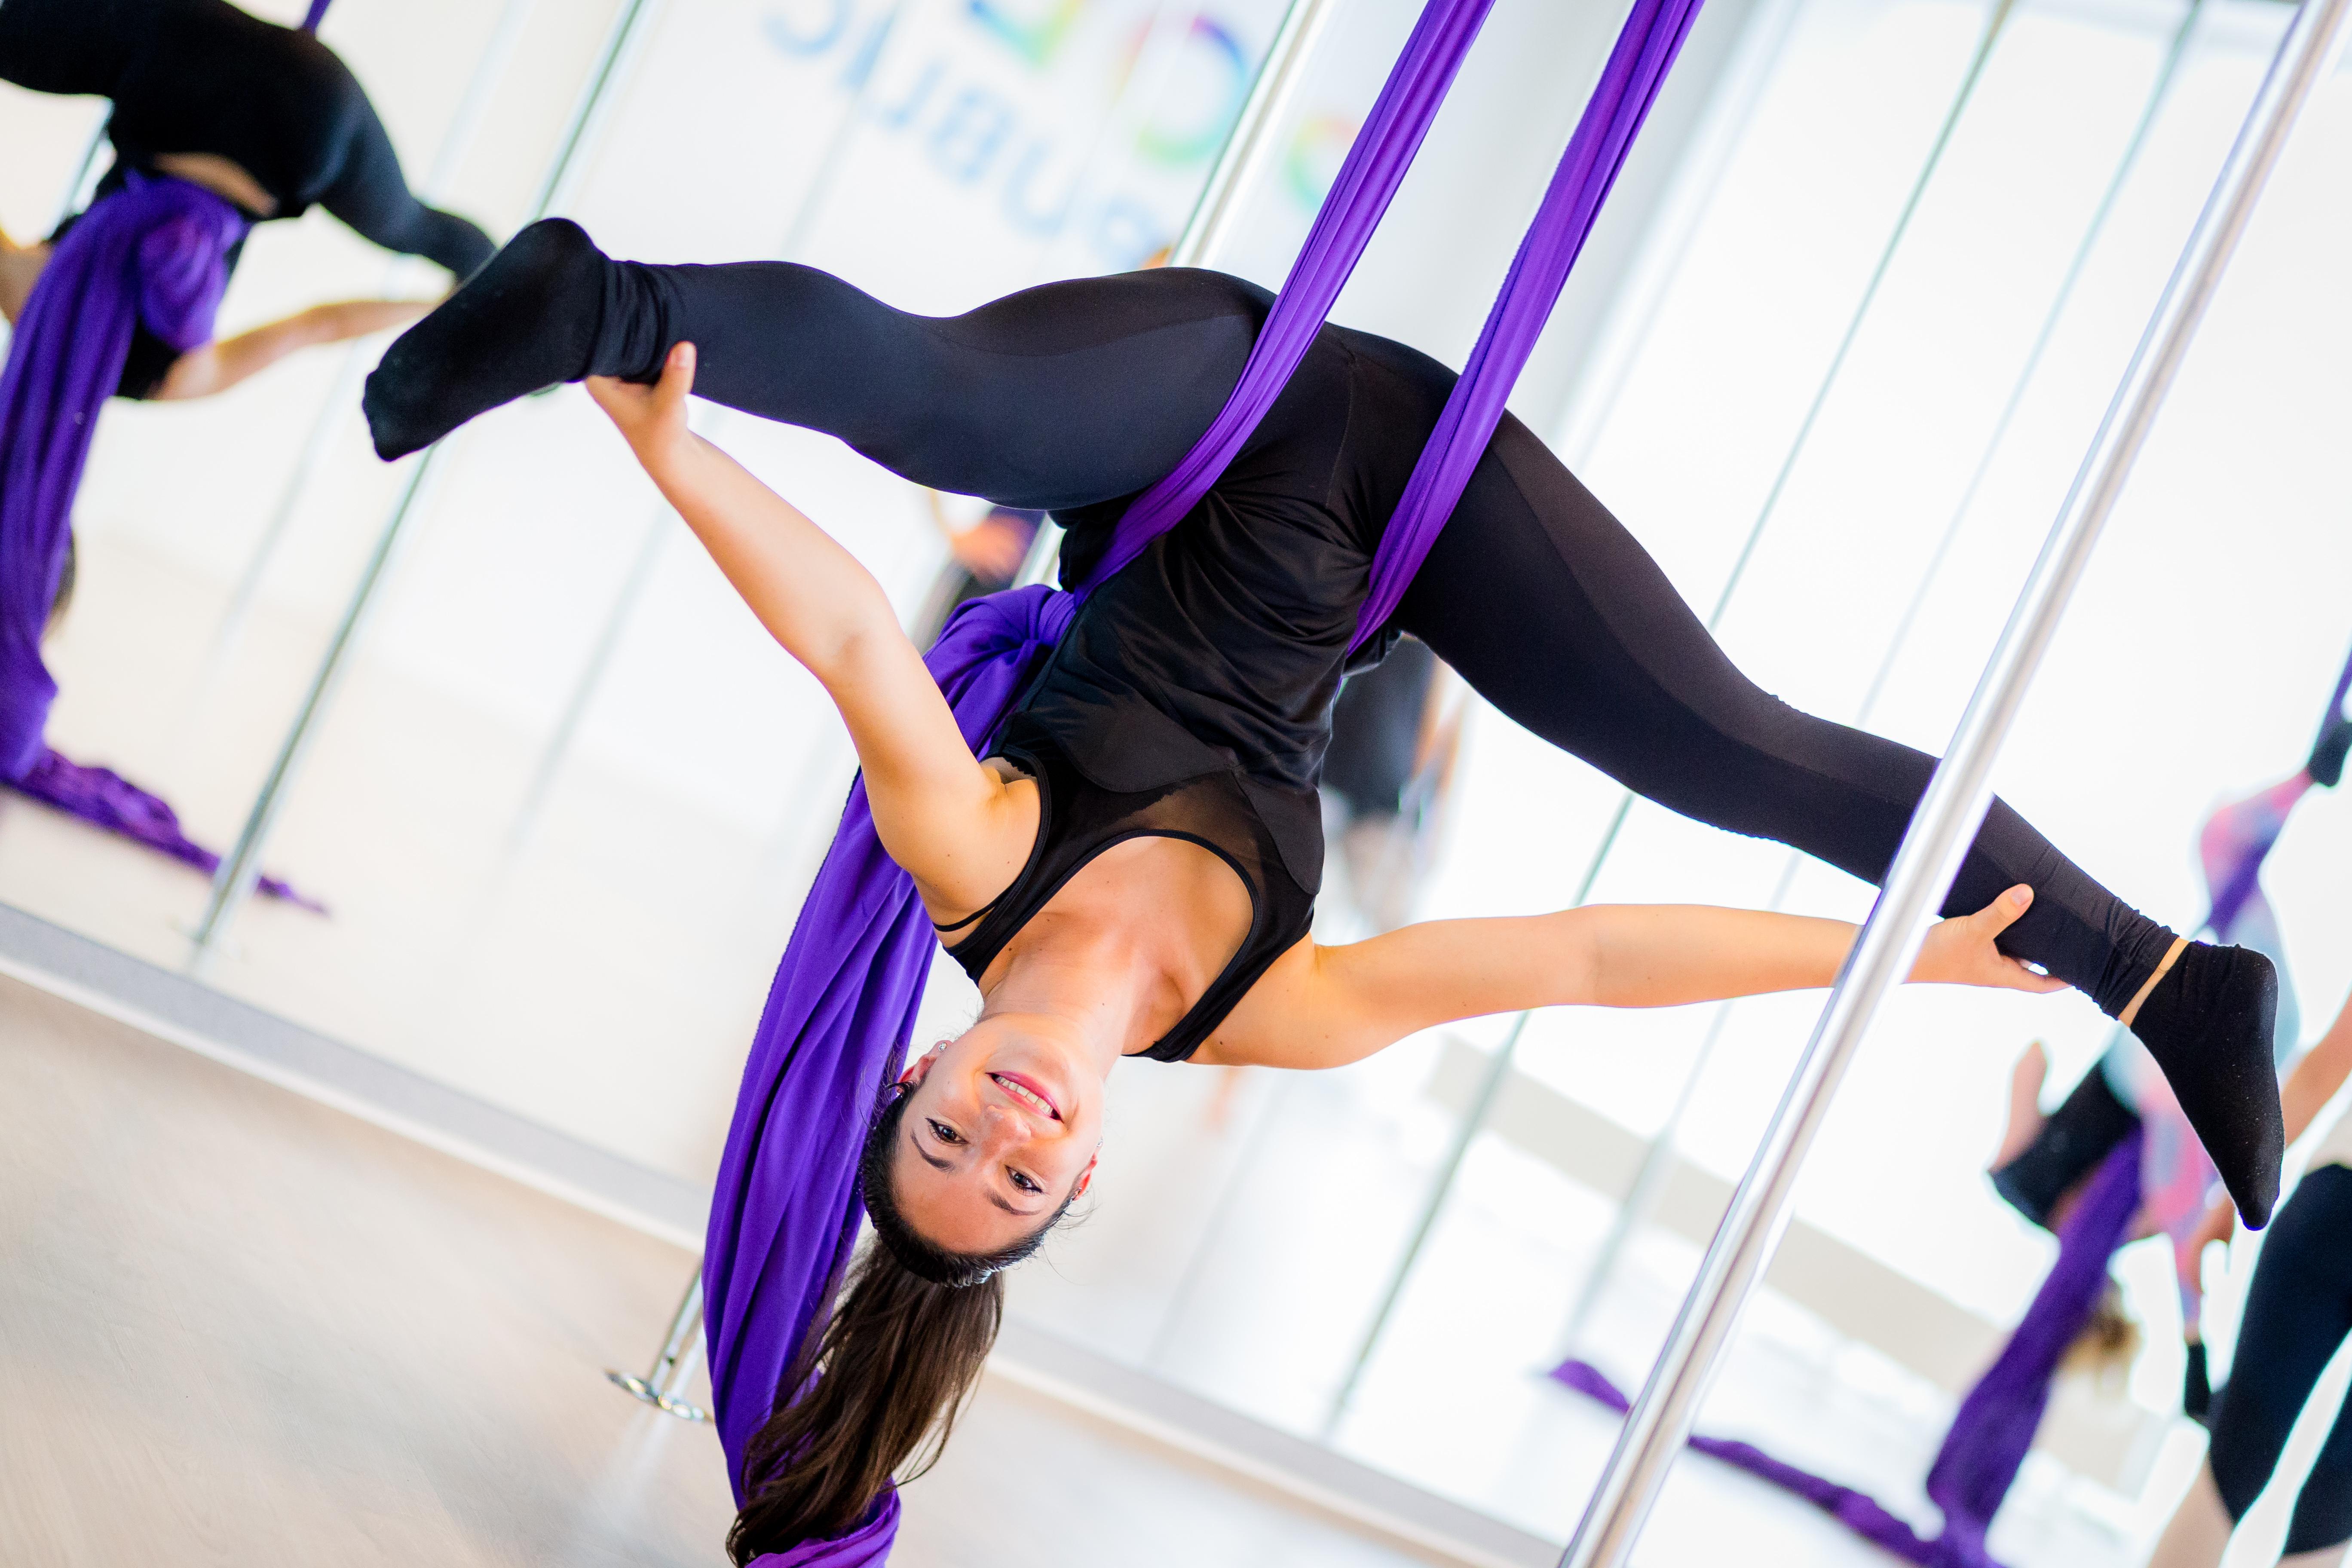 Aerial silk classes